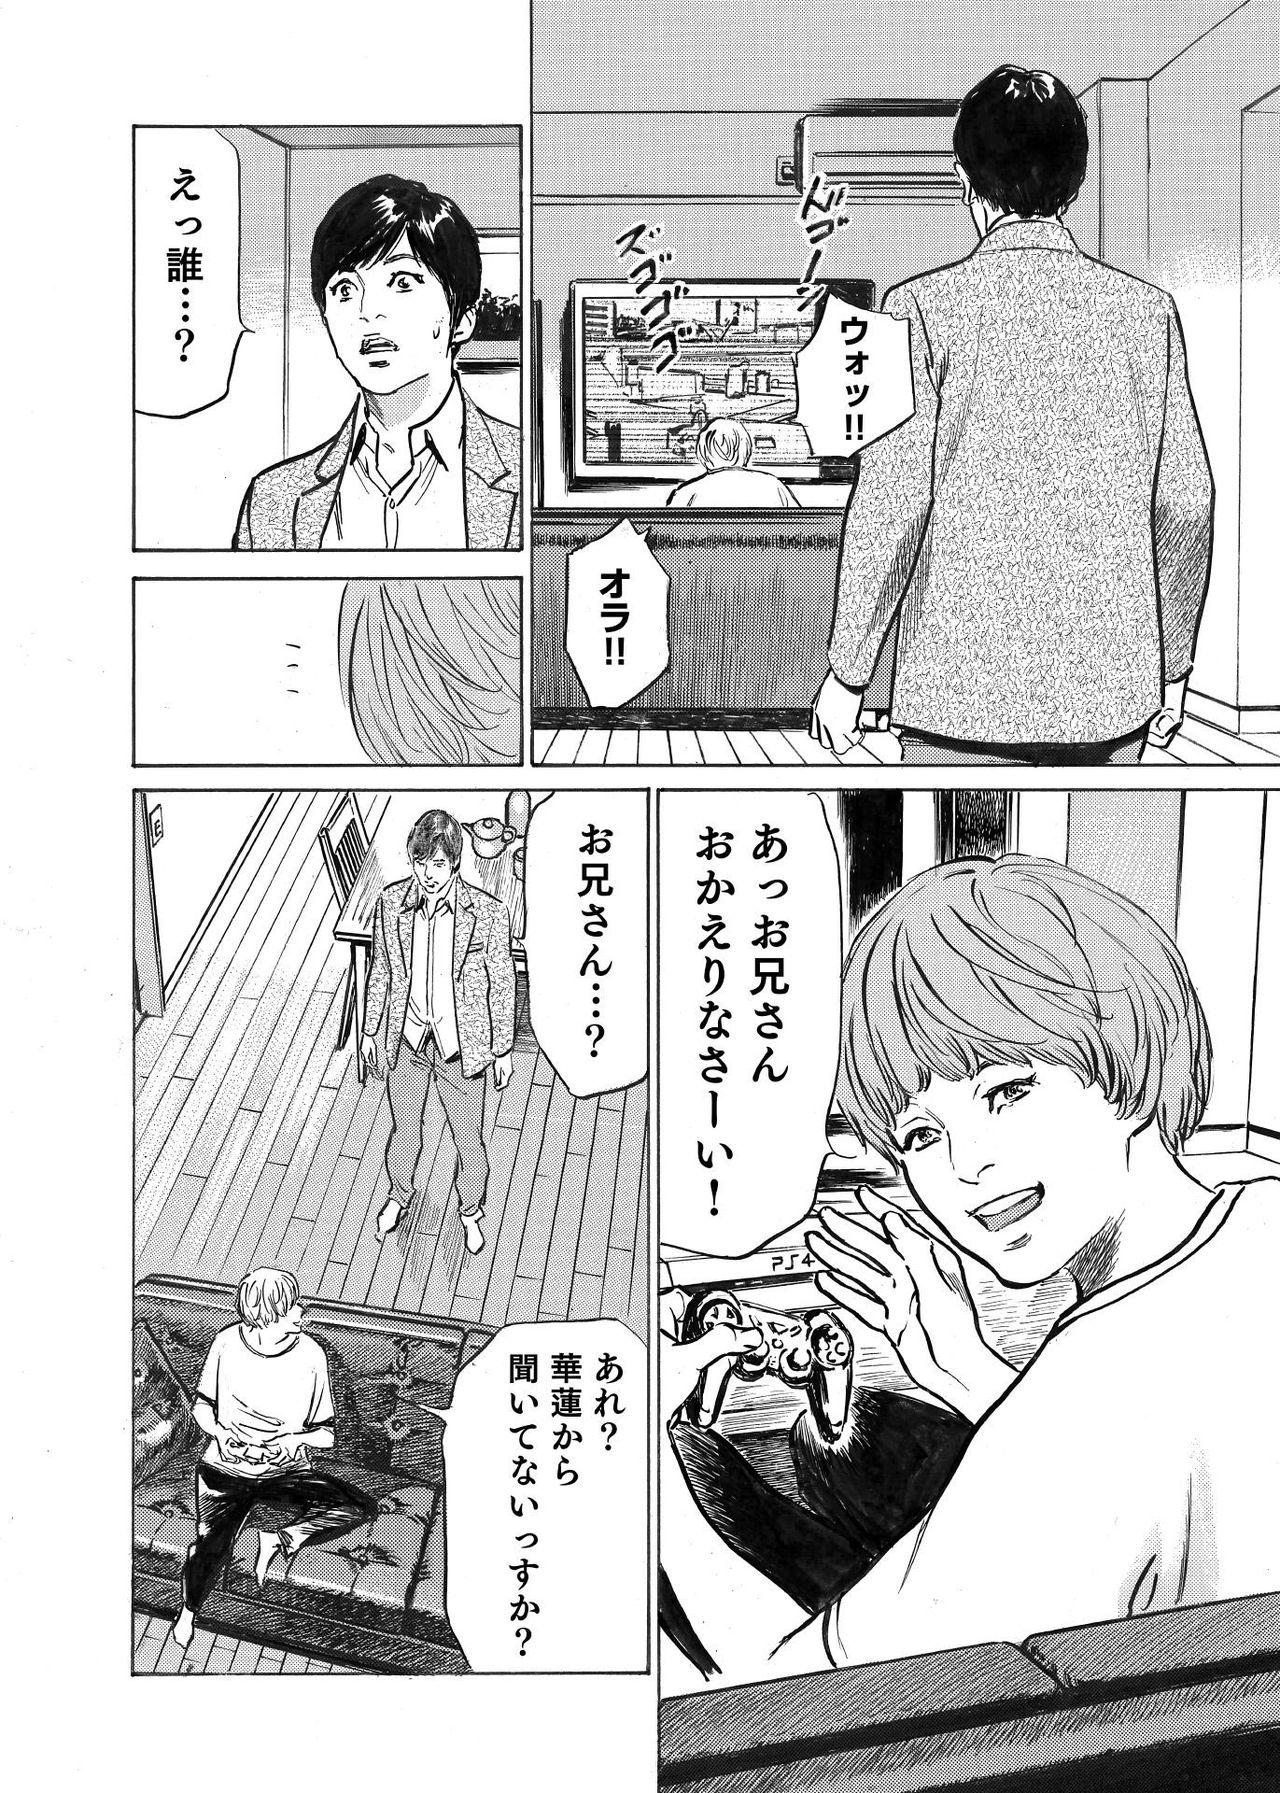 Ore wa Tsuma no Koto o Yoku Shiranai 1-9 71